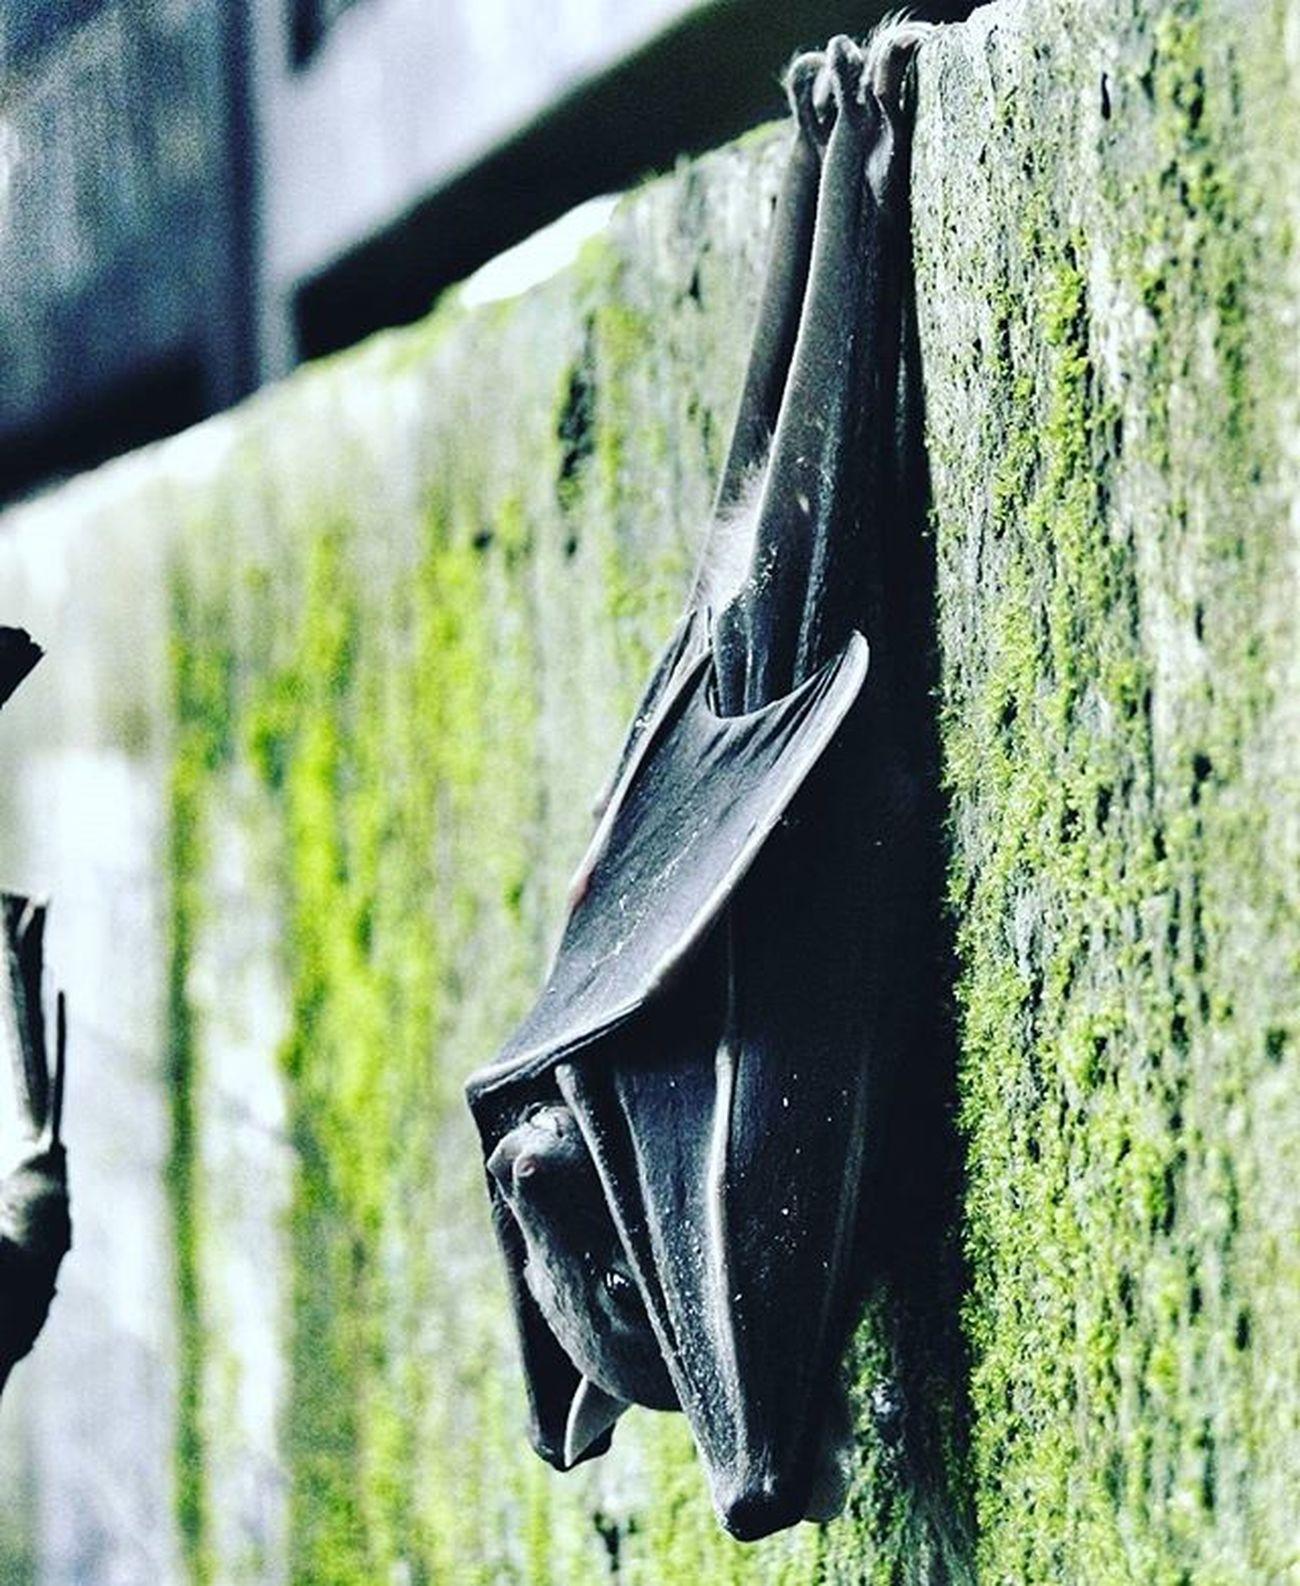 """She says """"Good Morning"""" . 💓 Morning Bat Clarendon Fade Nikonphotography Nikon_photographs L820 Nikontop Vivid 2014 Throwback Photographyislife Instadaily Photographybros"""